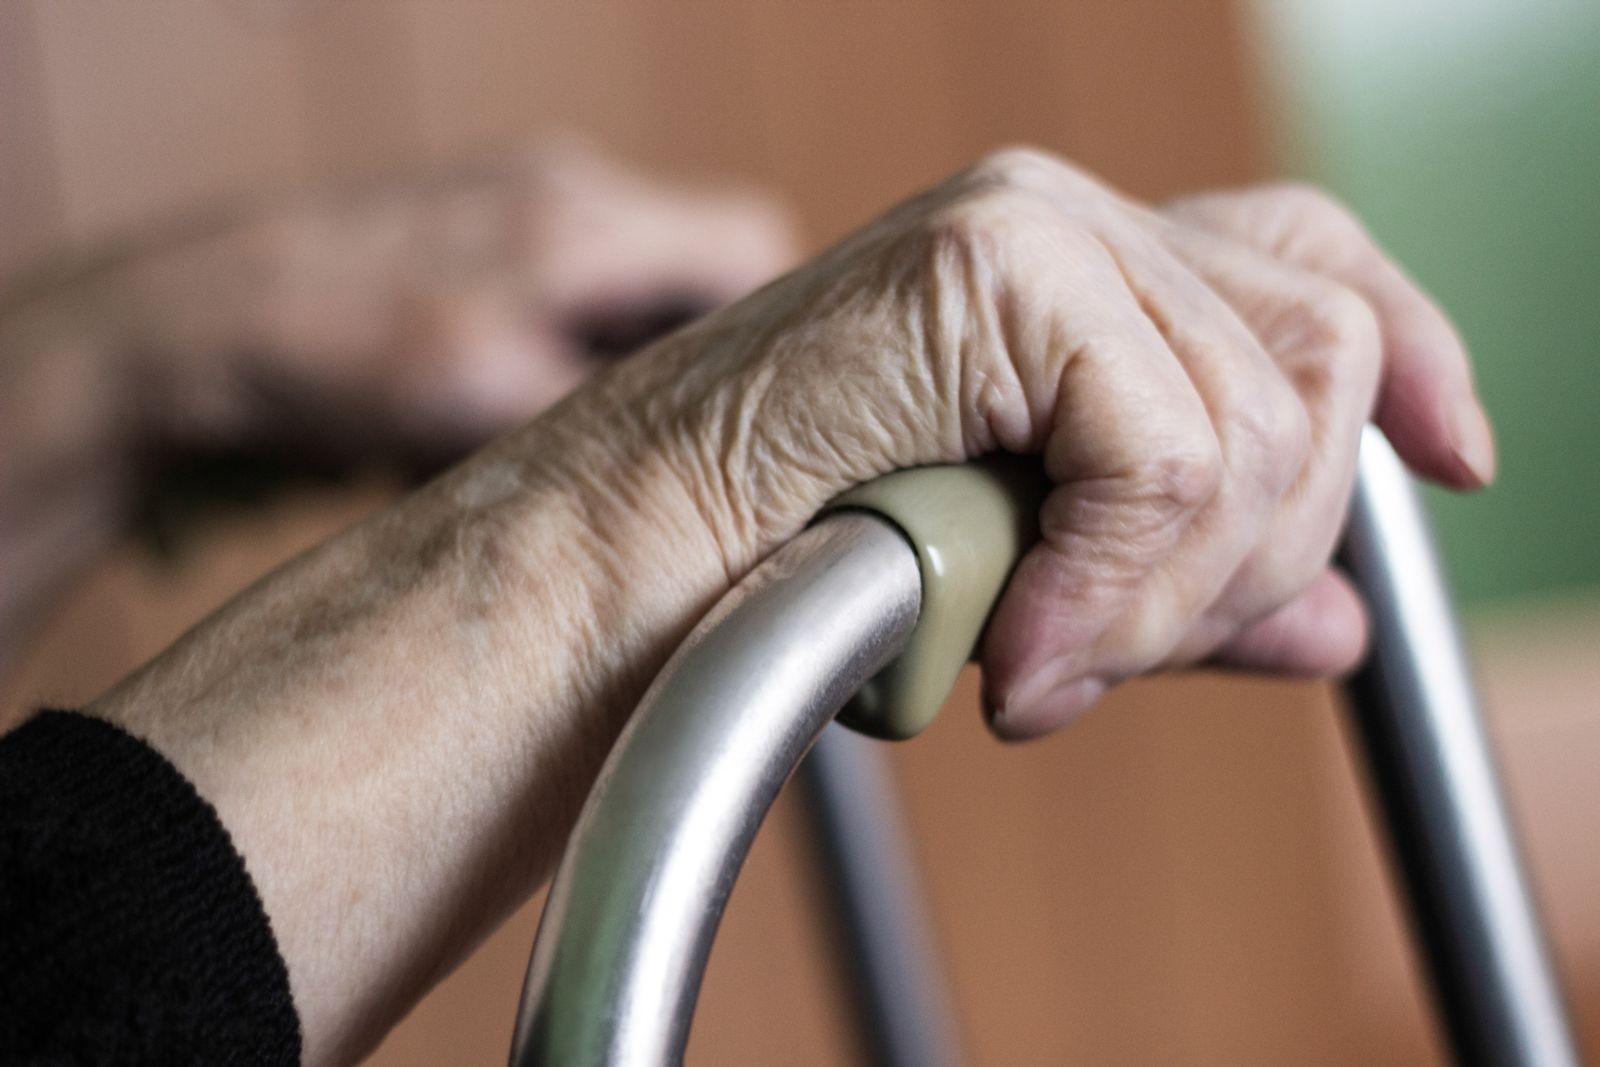 older woman's hands gripping a walker